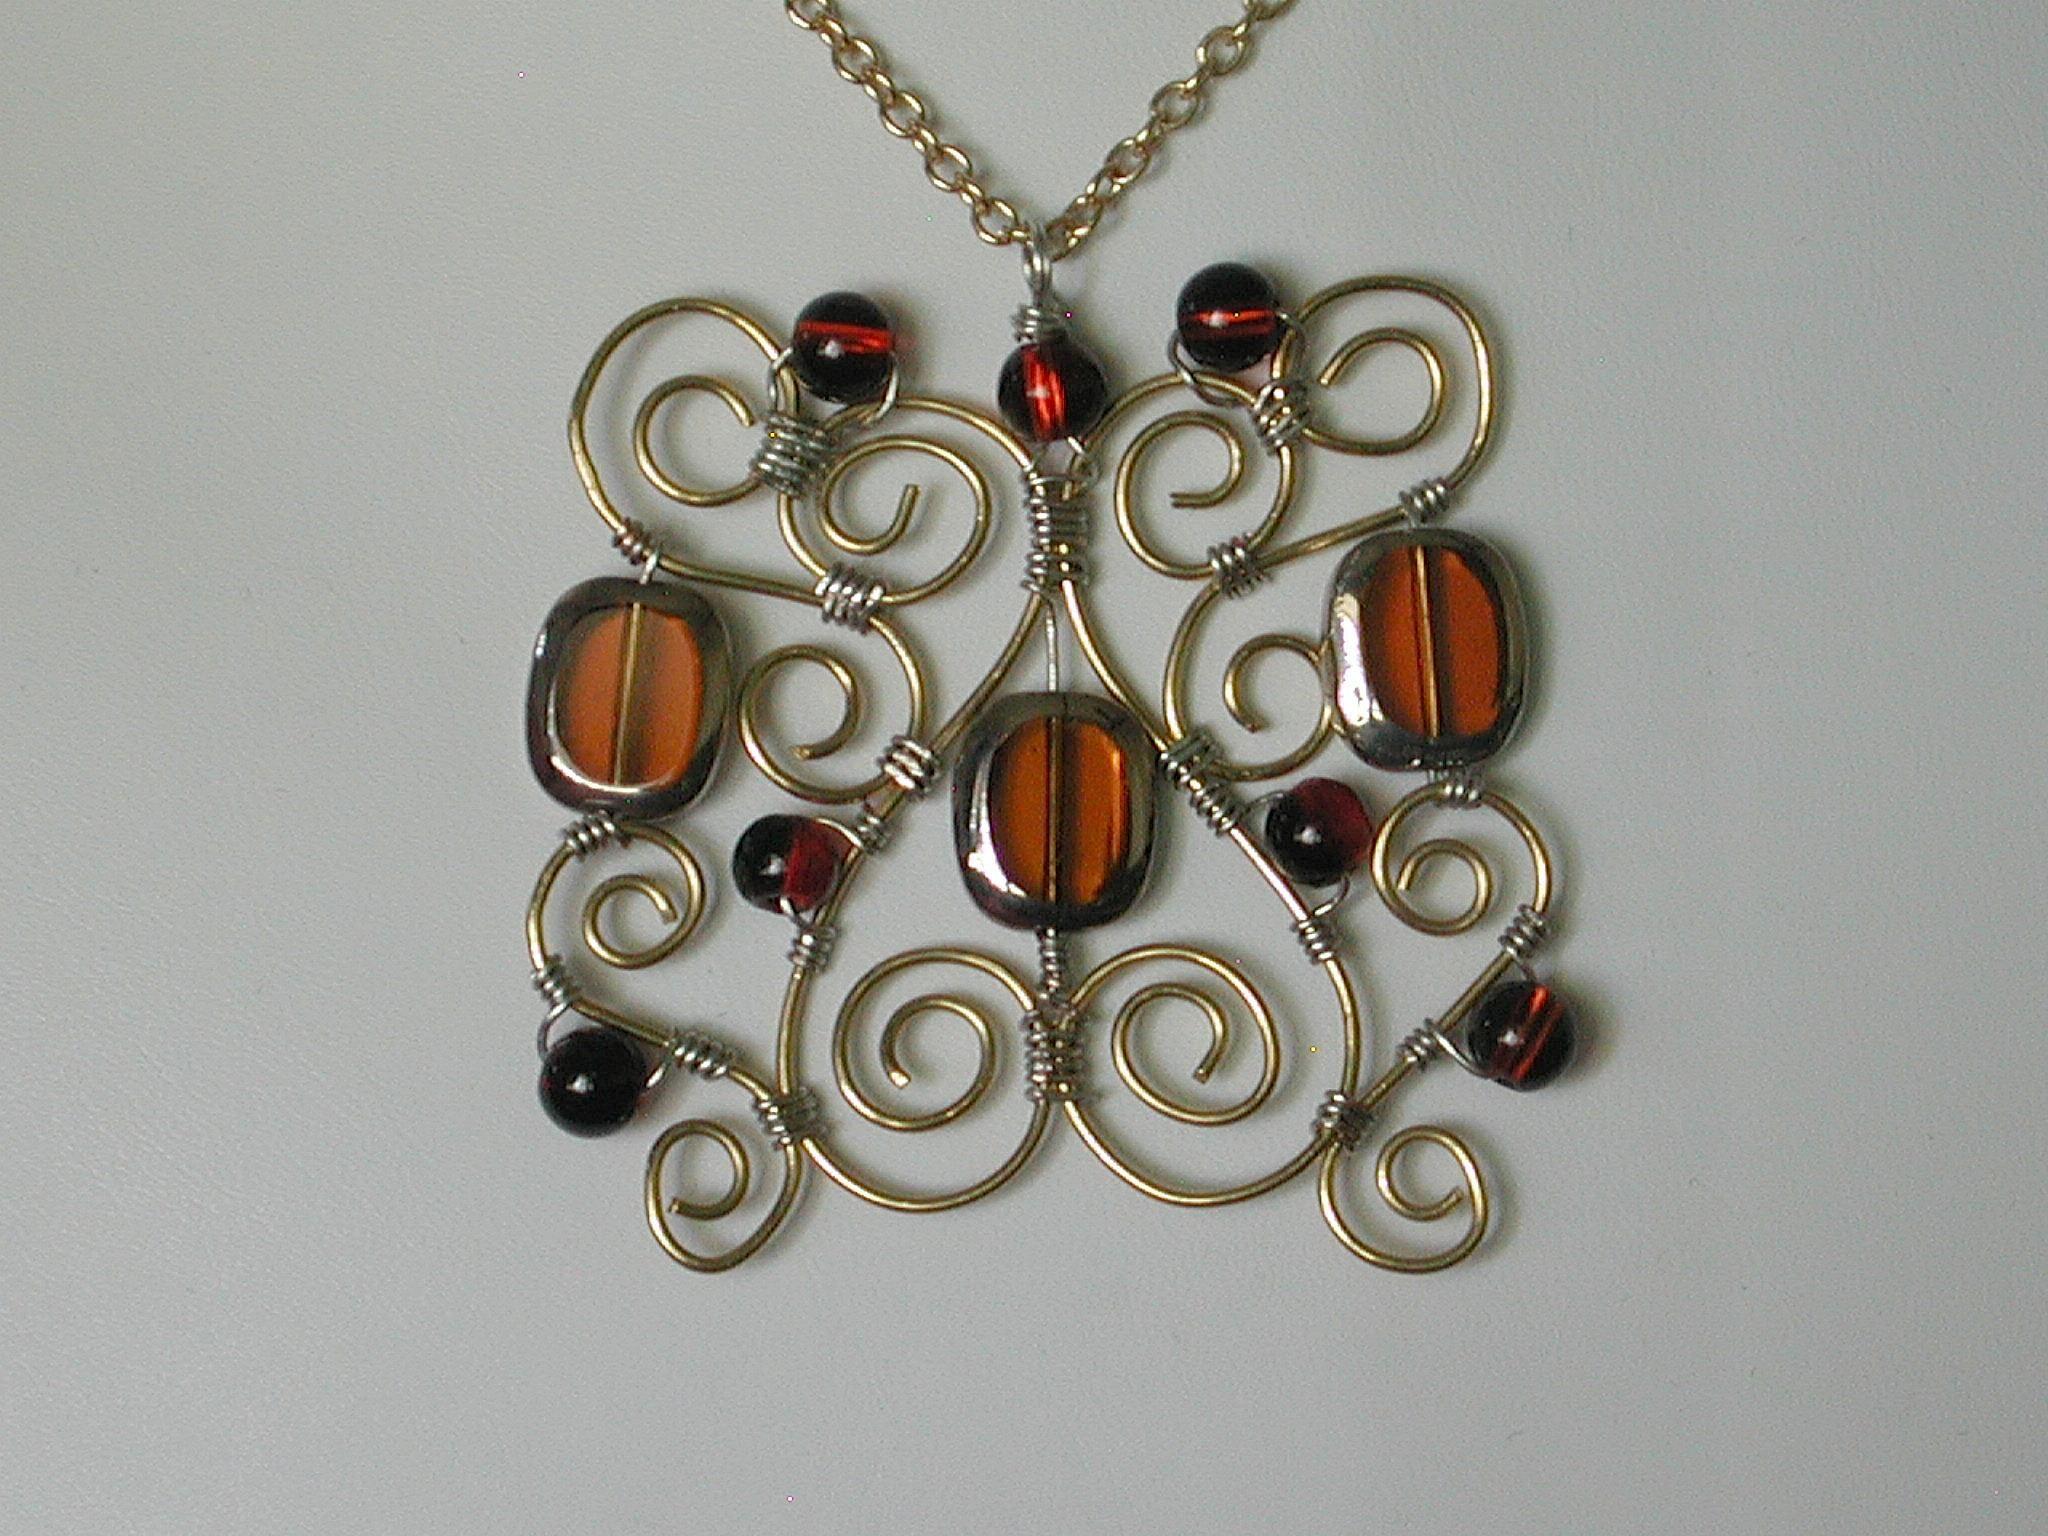 Handmade Wire Jewelry Design Ideas - Nilza.Net